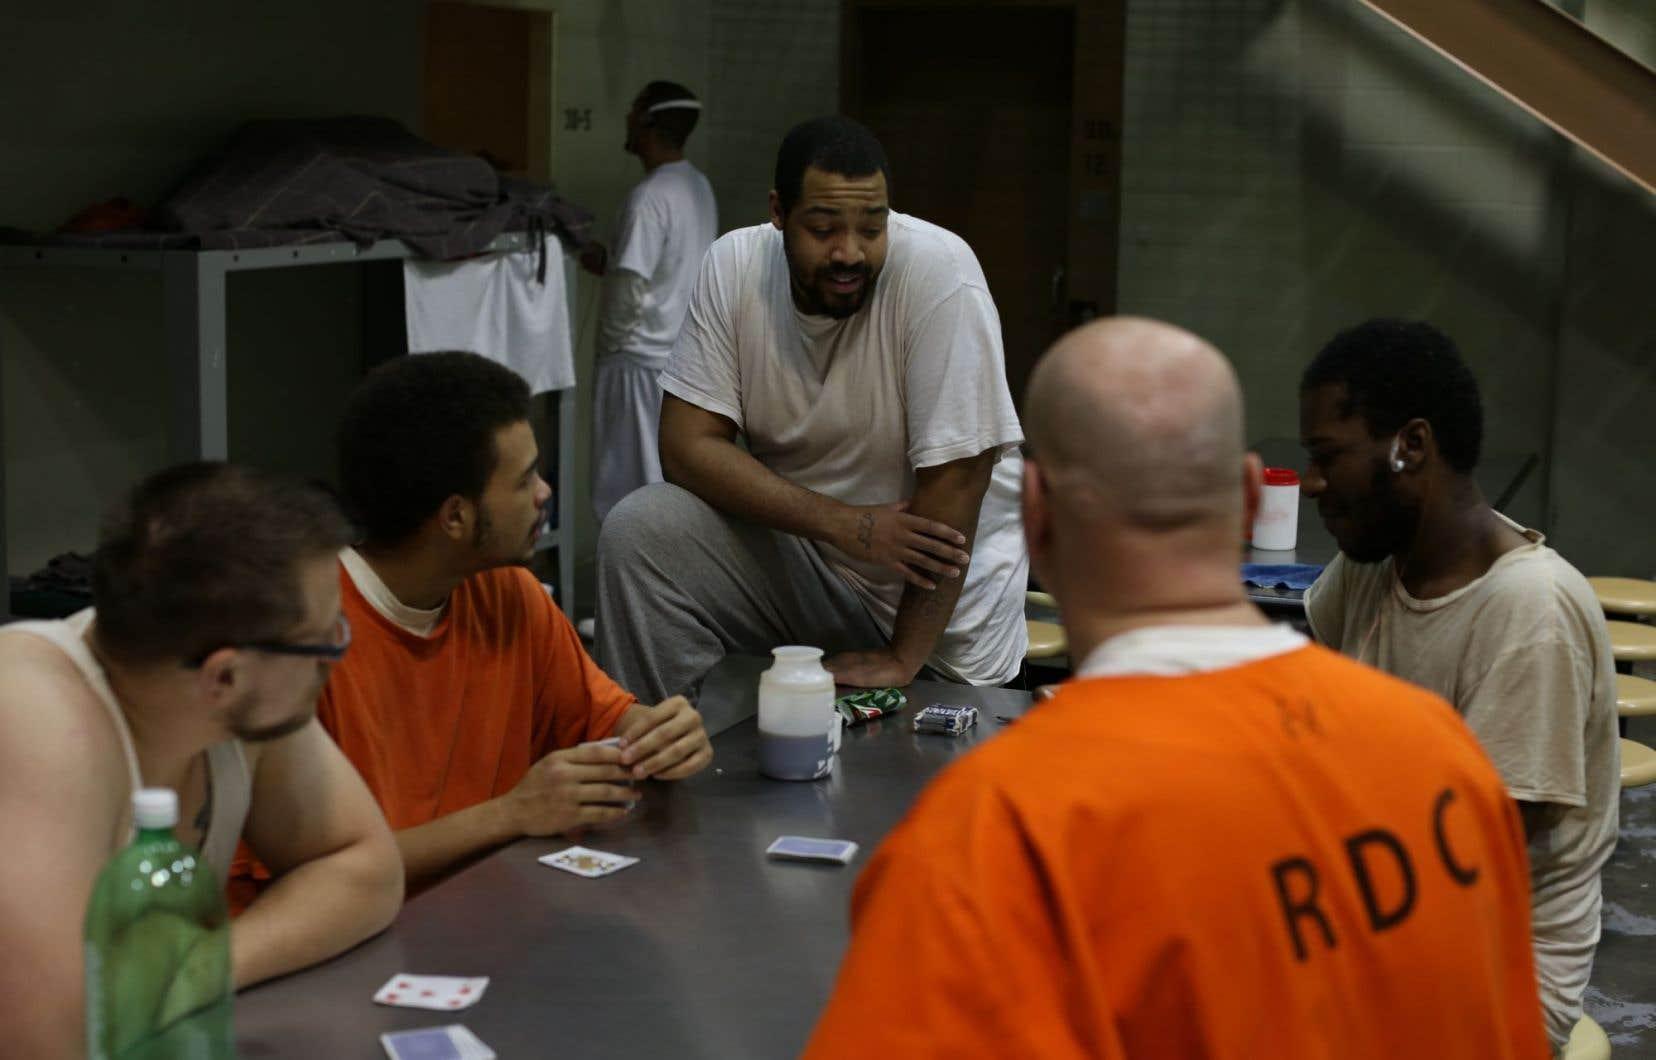 «60 jours en prison» est une téléréalité qui tombe dans la caricature de l'Amérique profonde, où l'on accole aux participants blancs des accusations de fraudes alors qu'on accuse les personnes noires de violence.